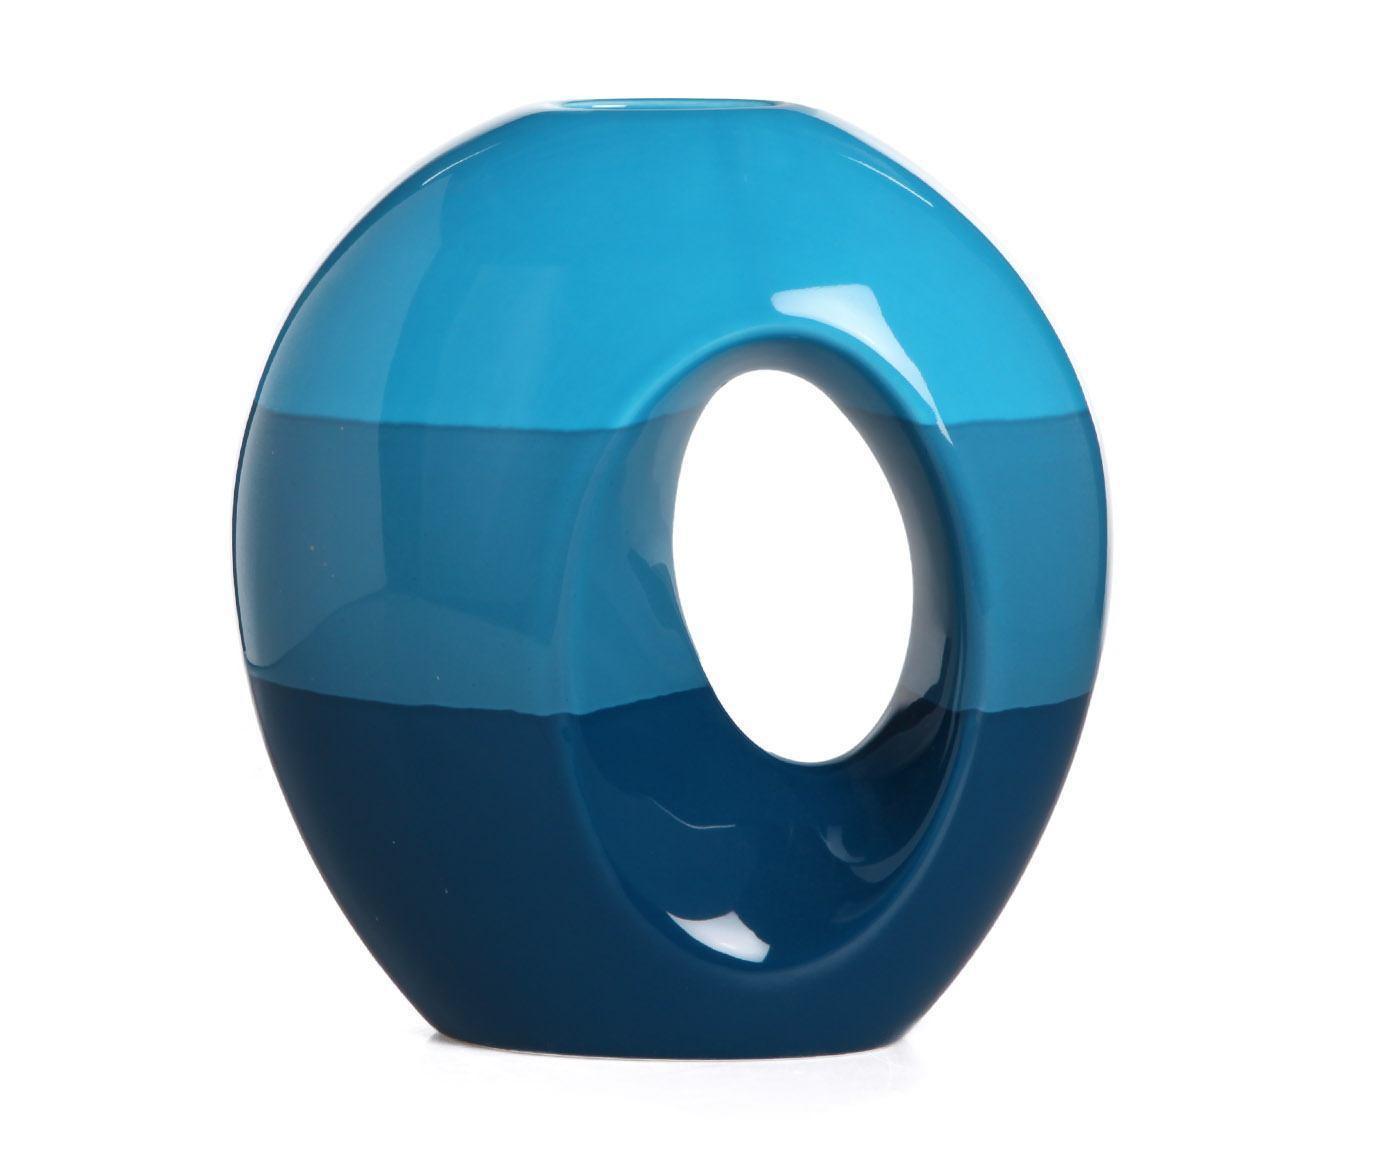 Вазы настольные Элитная ваза декоративная синяя от Farol dekorativnaya-vaza-sinyaya-farol-portugaliya.jpg